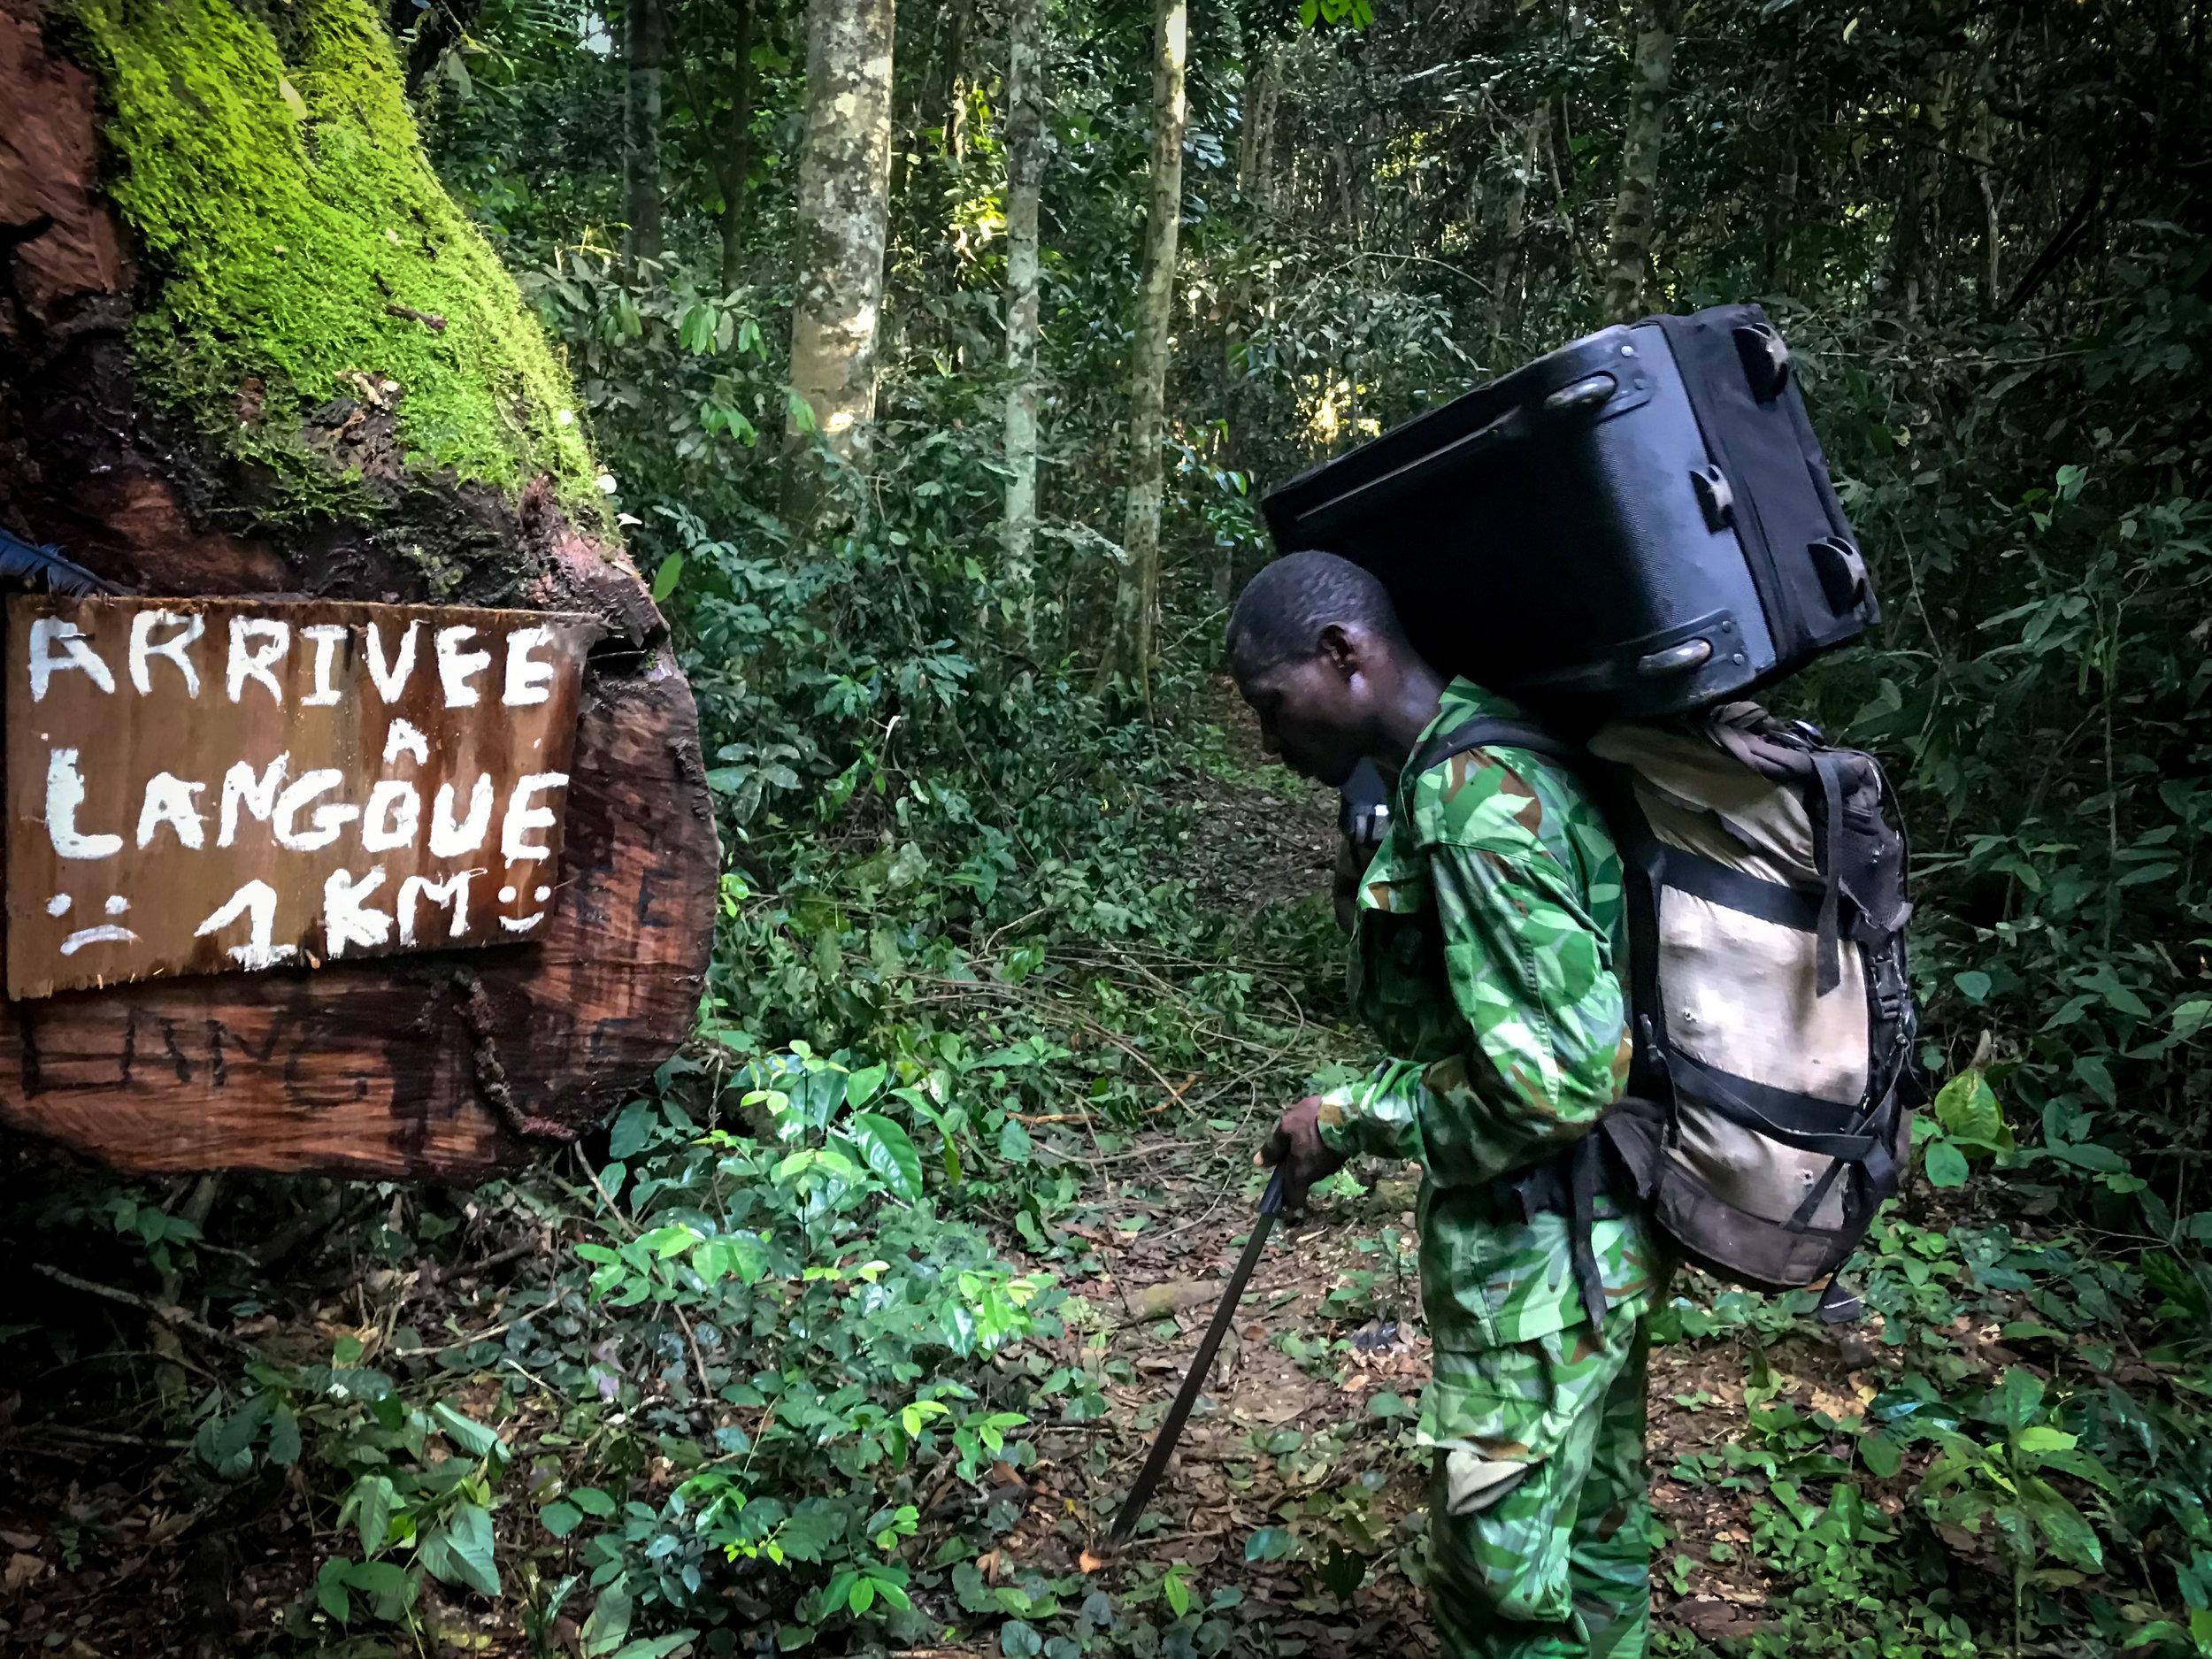 Ranger Evelin almost at Langoue Bai